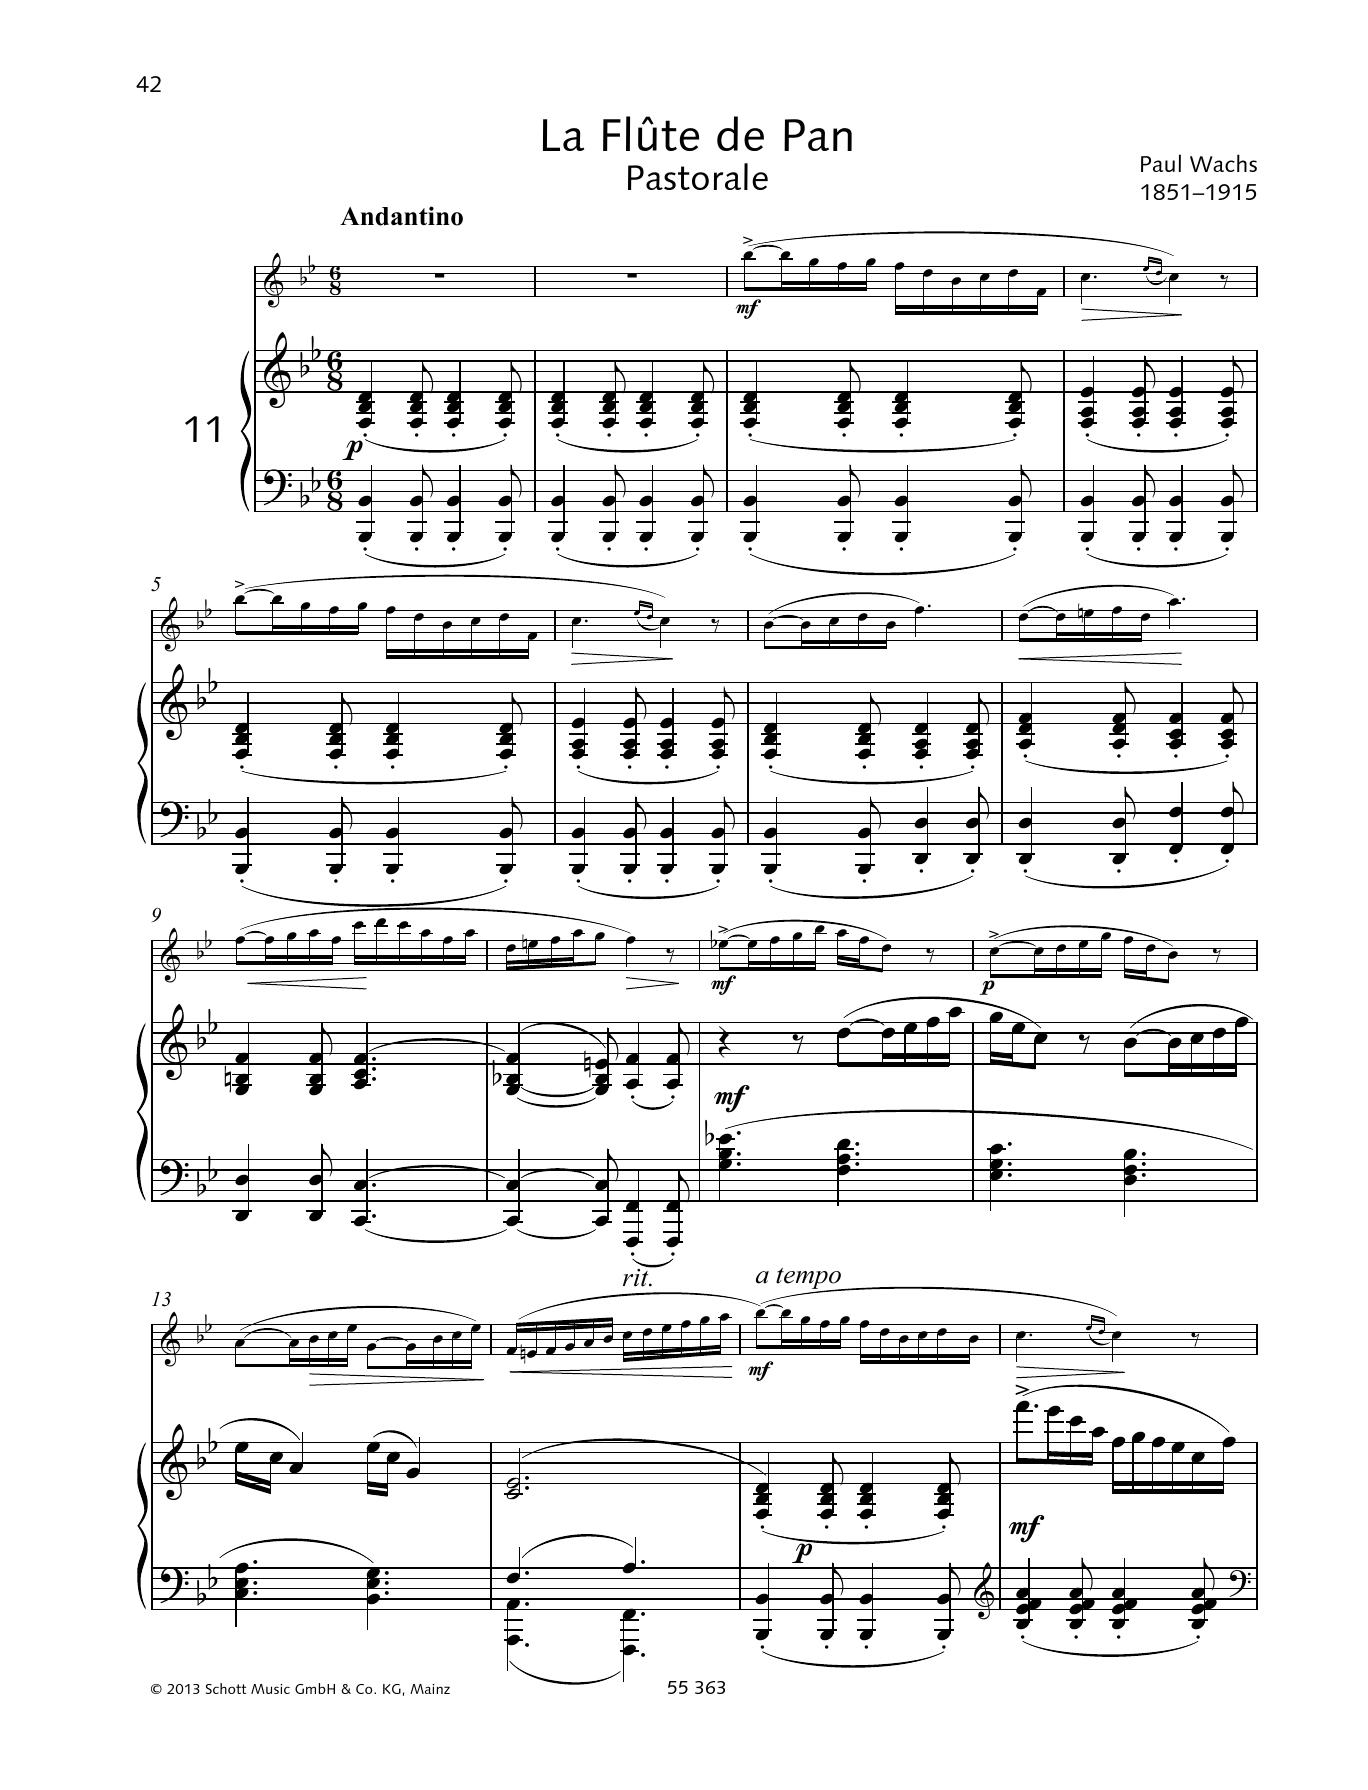 La Flute De Pan Sheet Music